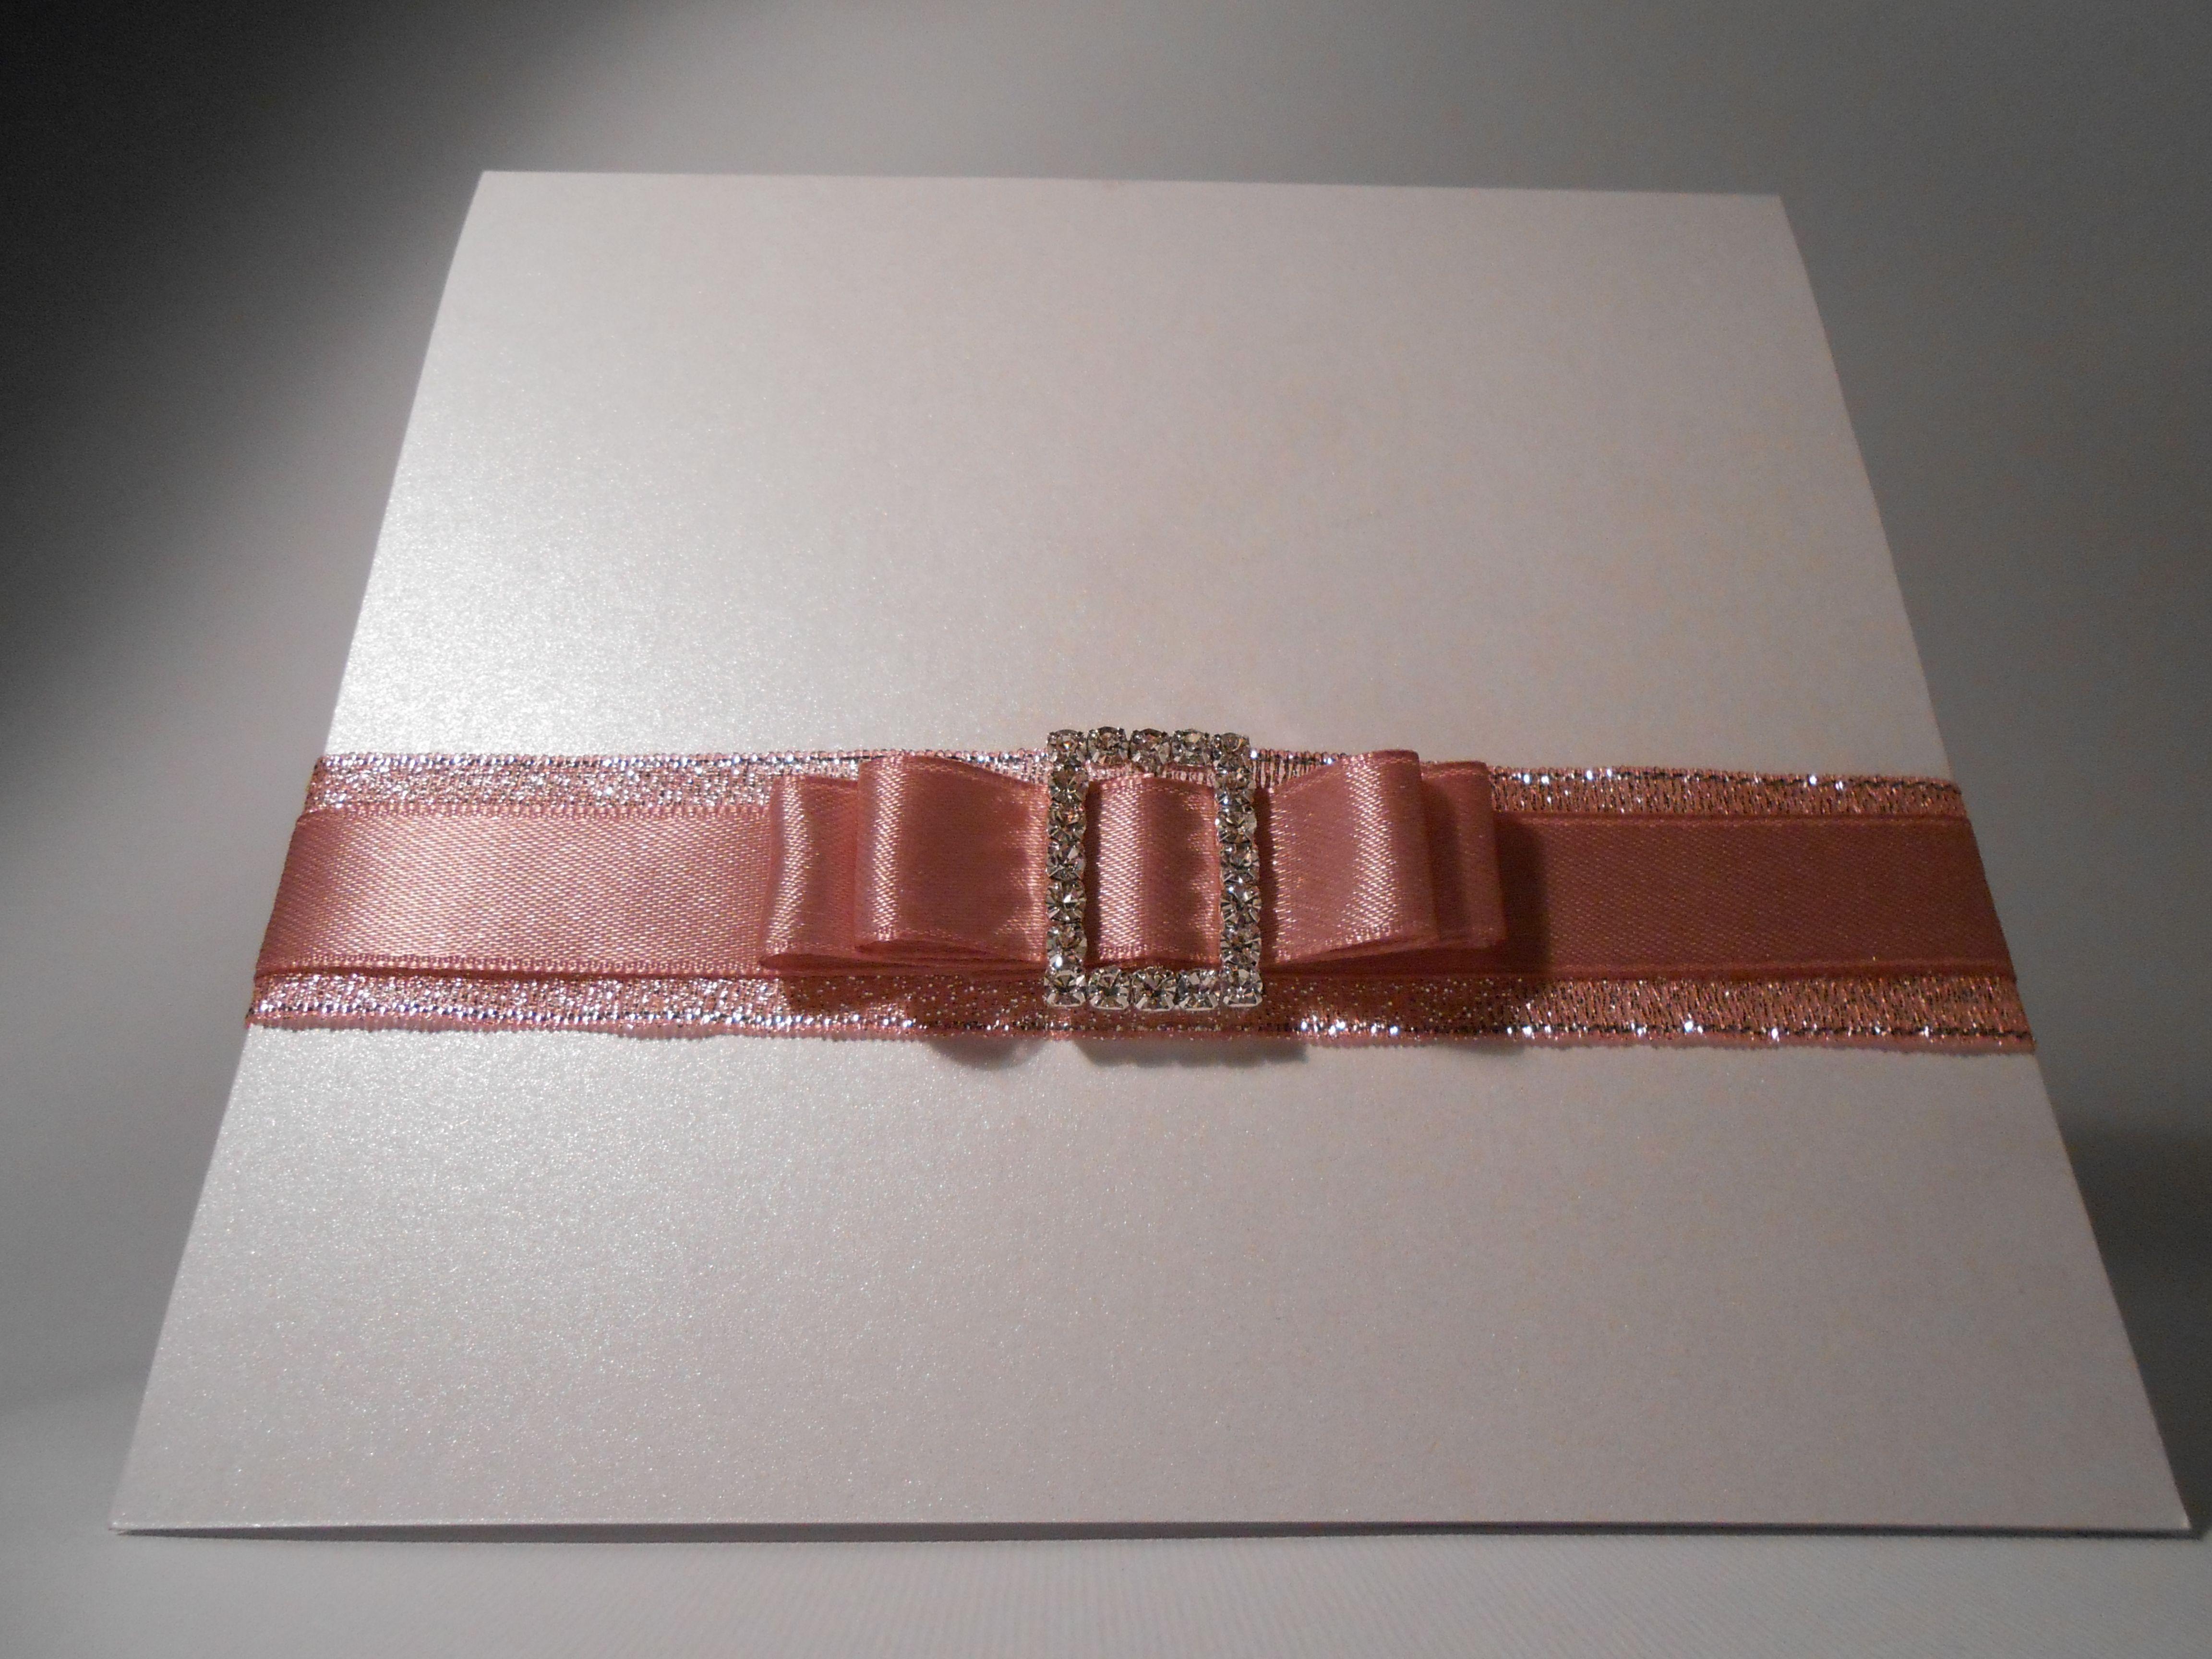 partecipazione con tasca interna, carta perlata bianca, doppio nastro e fibbia di strass